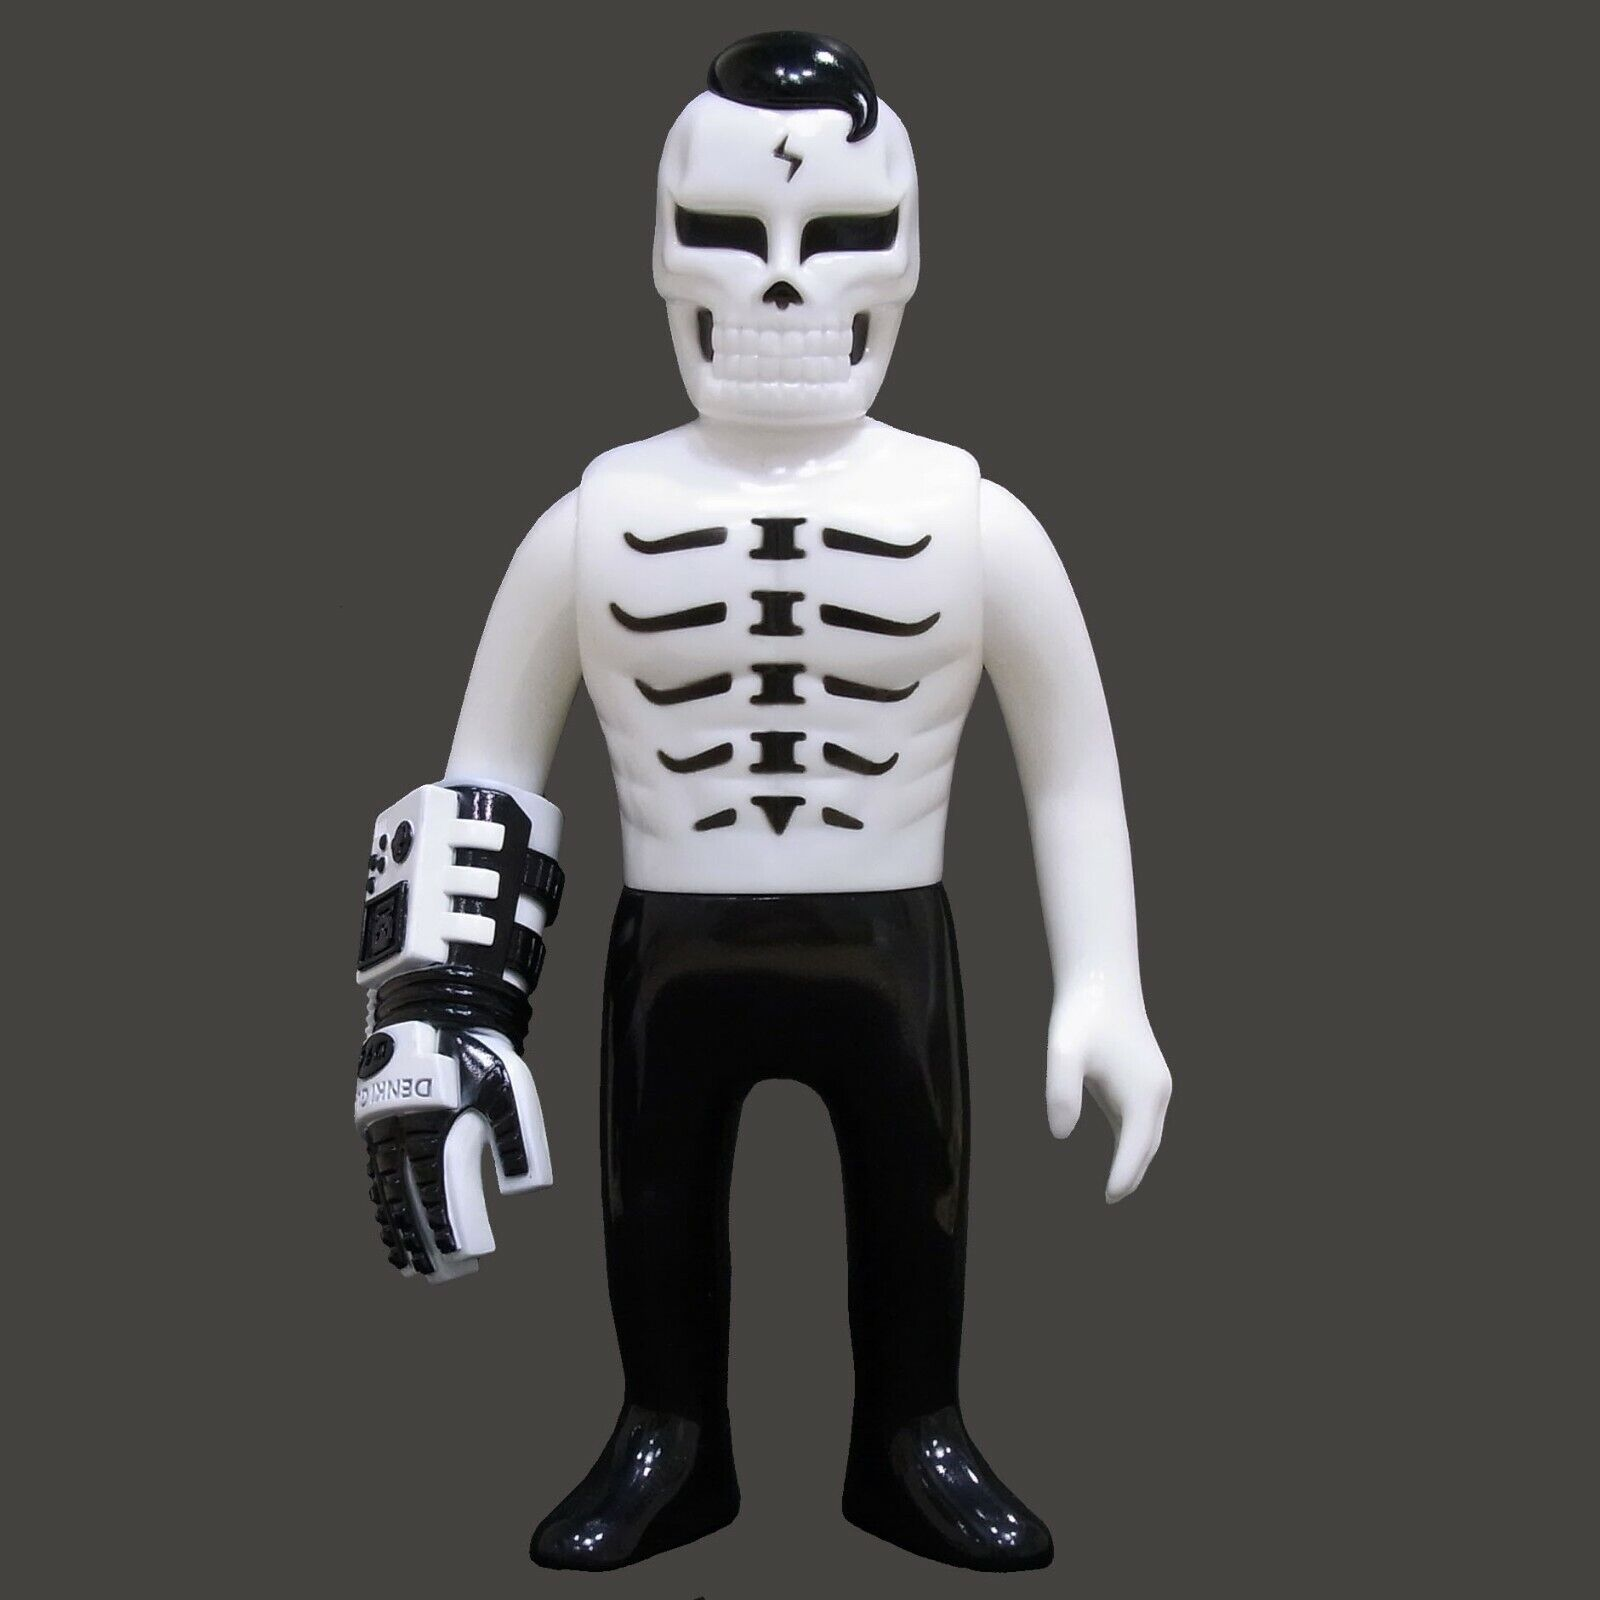 頭蓋骨おもちゃguy - 2白x黒-Sofubi sofvi?ソフトビニール